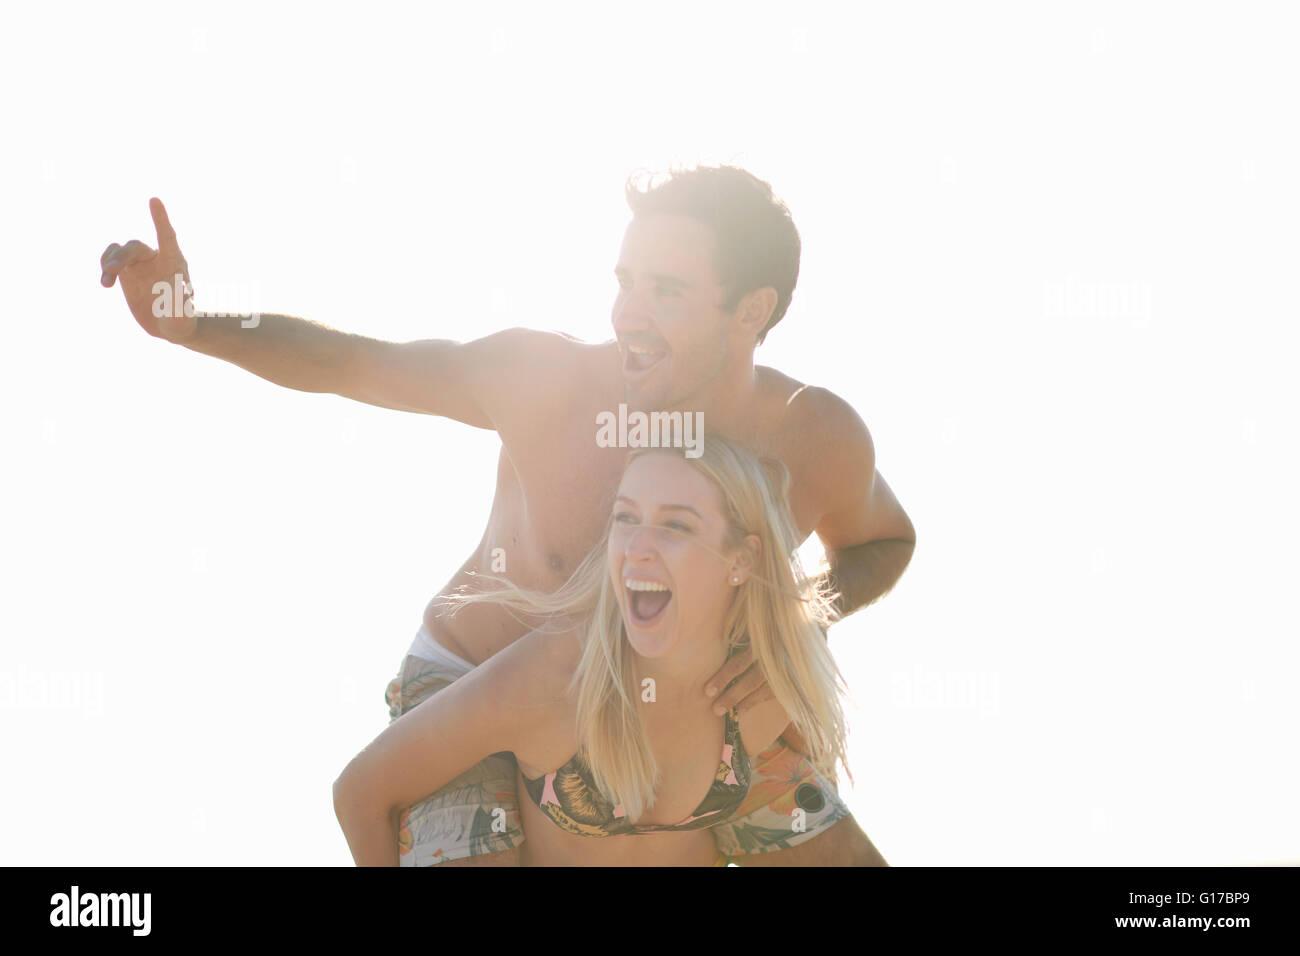 Woman giving man piggyback looking away smiling - Stock Image